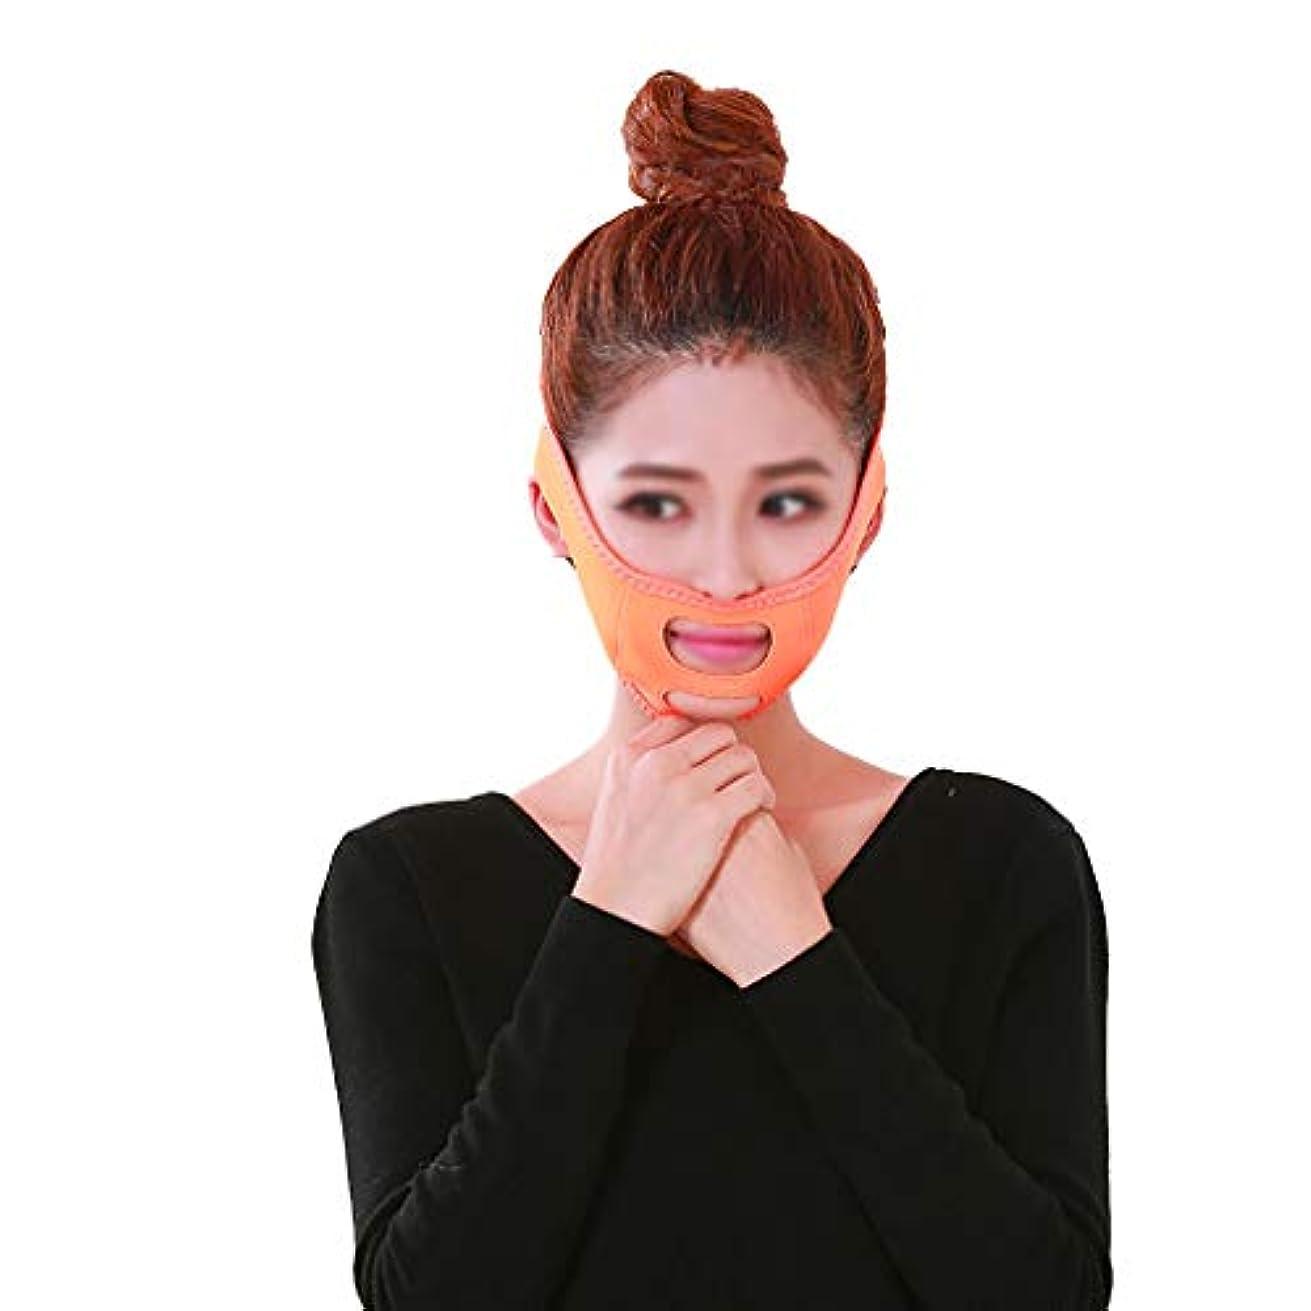 真面目な目立つエコーフェイスリフトフェイシャル、フェイシャルマスクVフェイスマスクタイトな肌のリラクゼーションを防ぐVフェイスアーティファクトフェイスリフト包帯フェイスケア (Color : Orange)